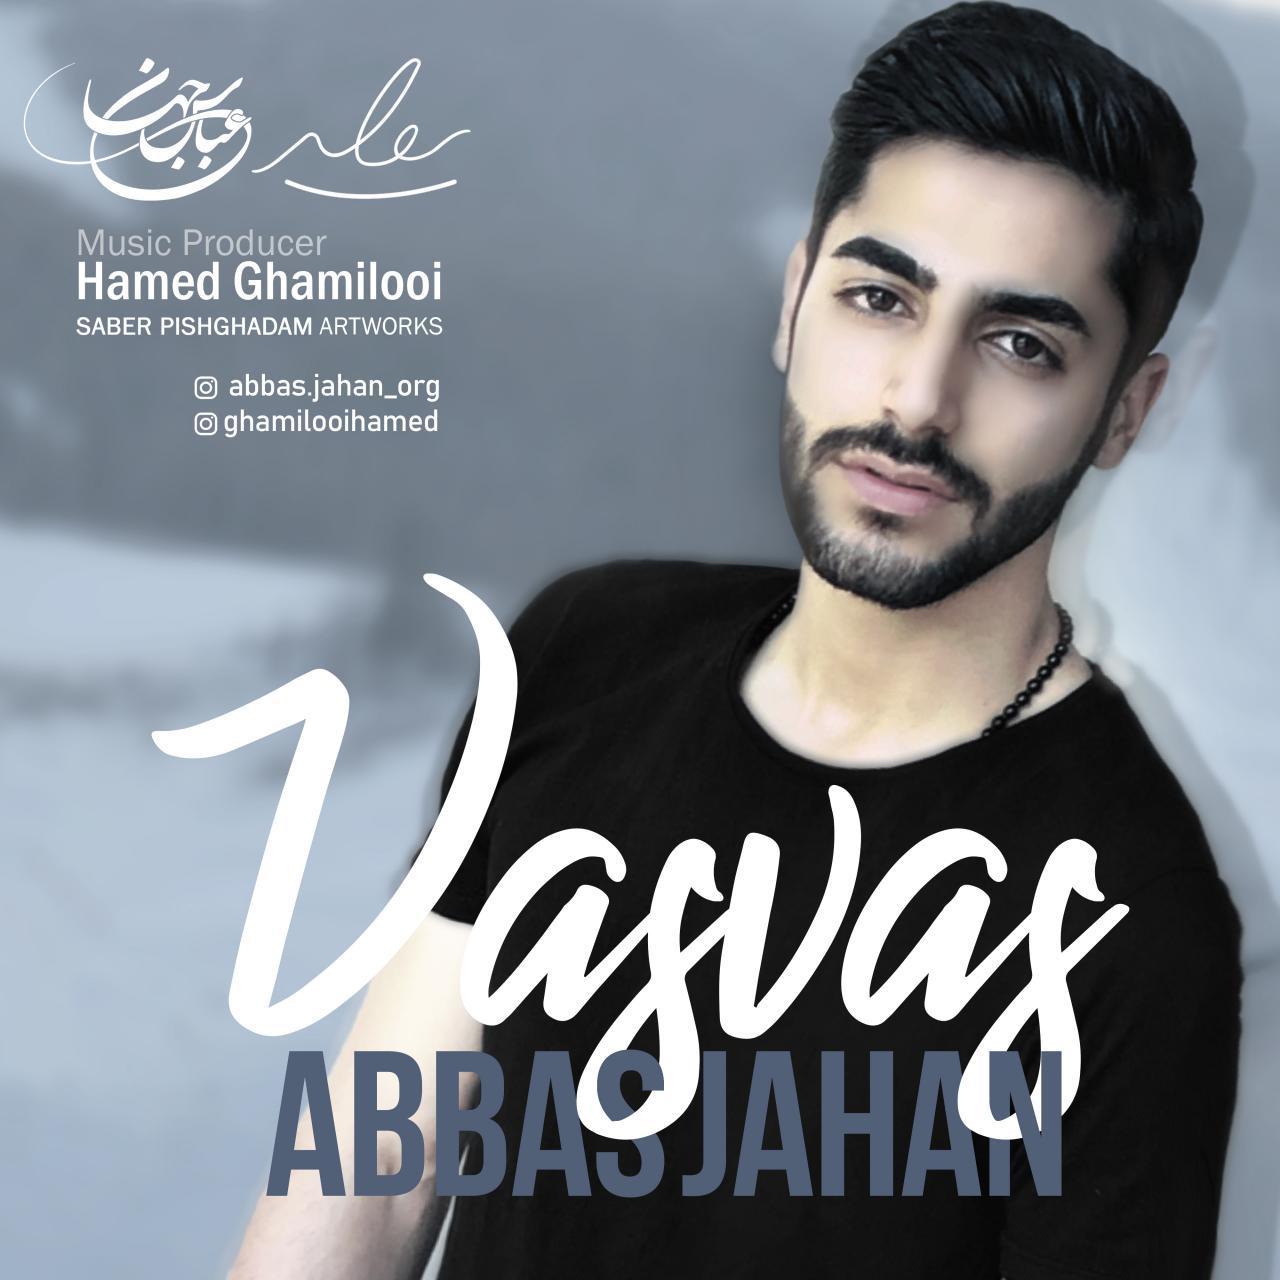 دانلود آهنگ جدید عباس جهان به نام وسواس